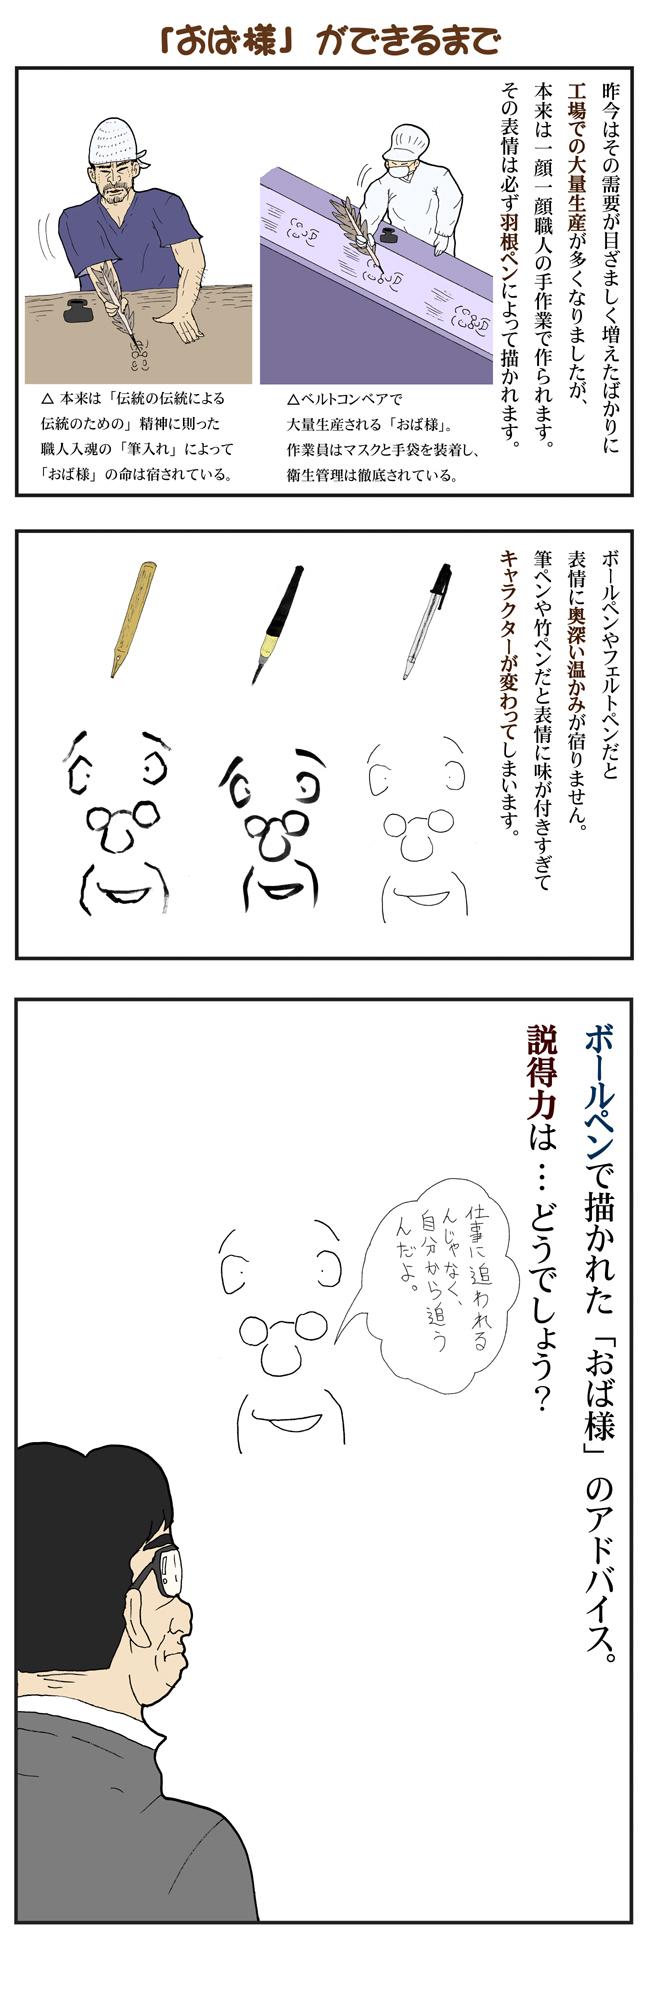 obasama_3